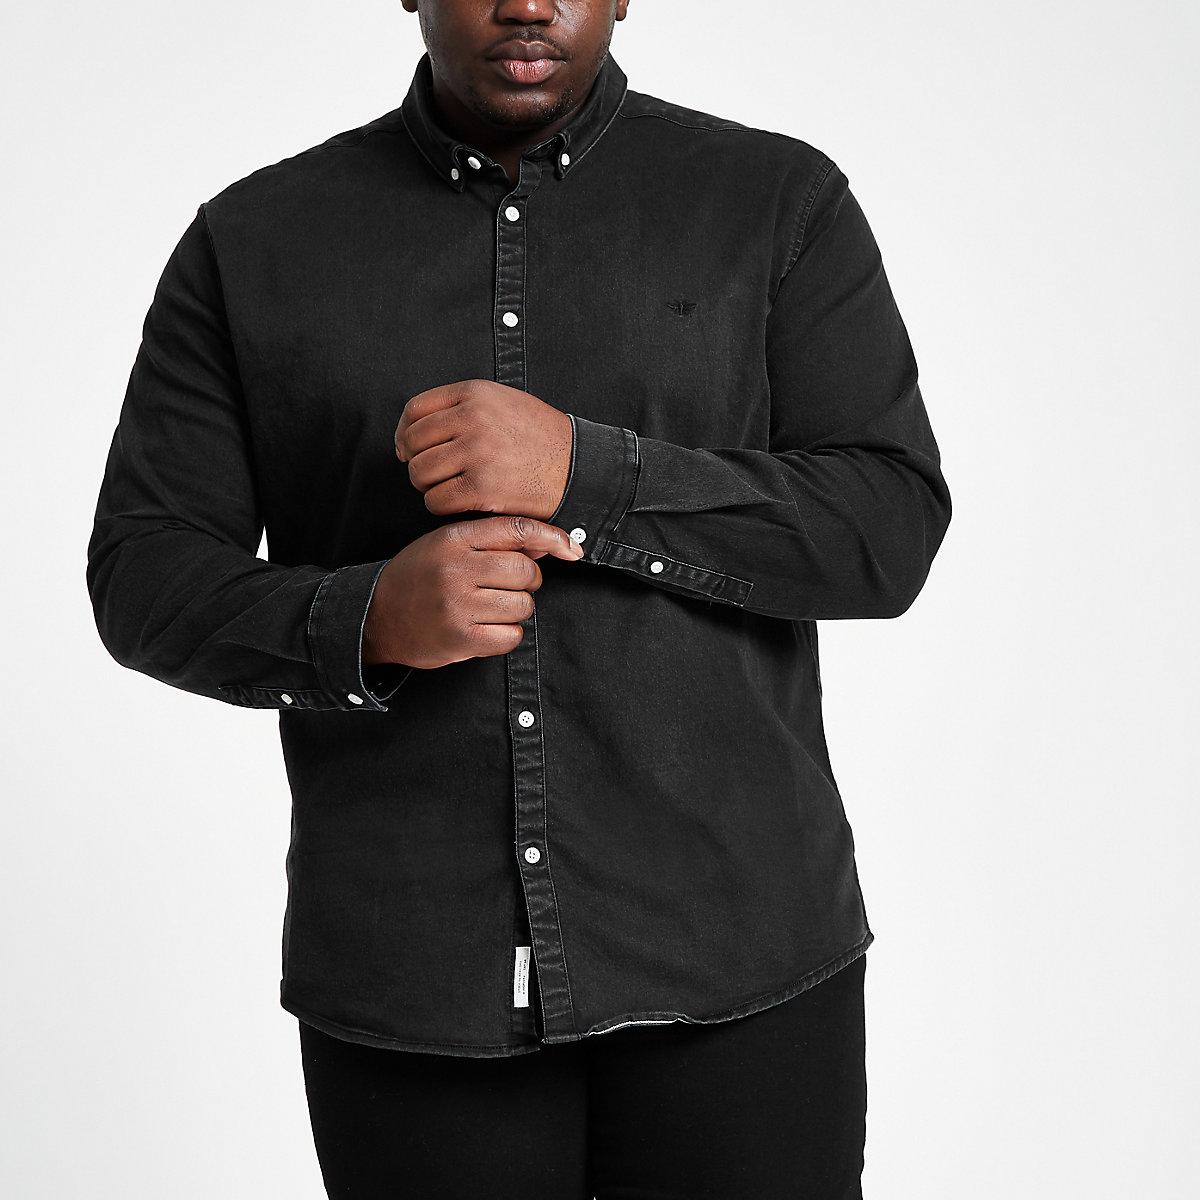 Big & Tall black muscle fit denim shirt